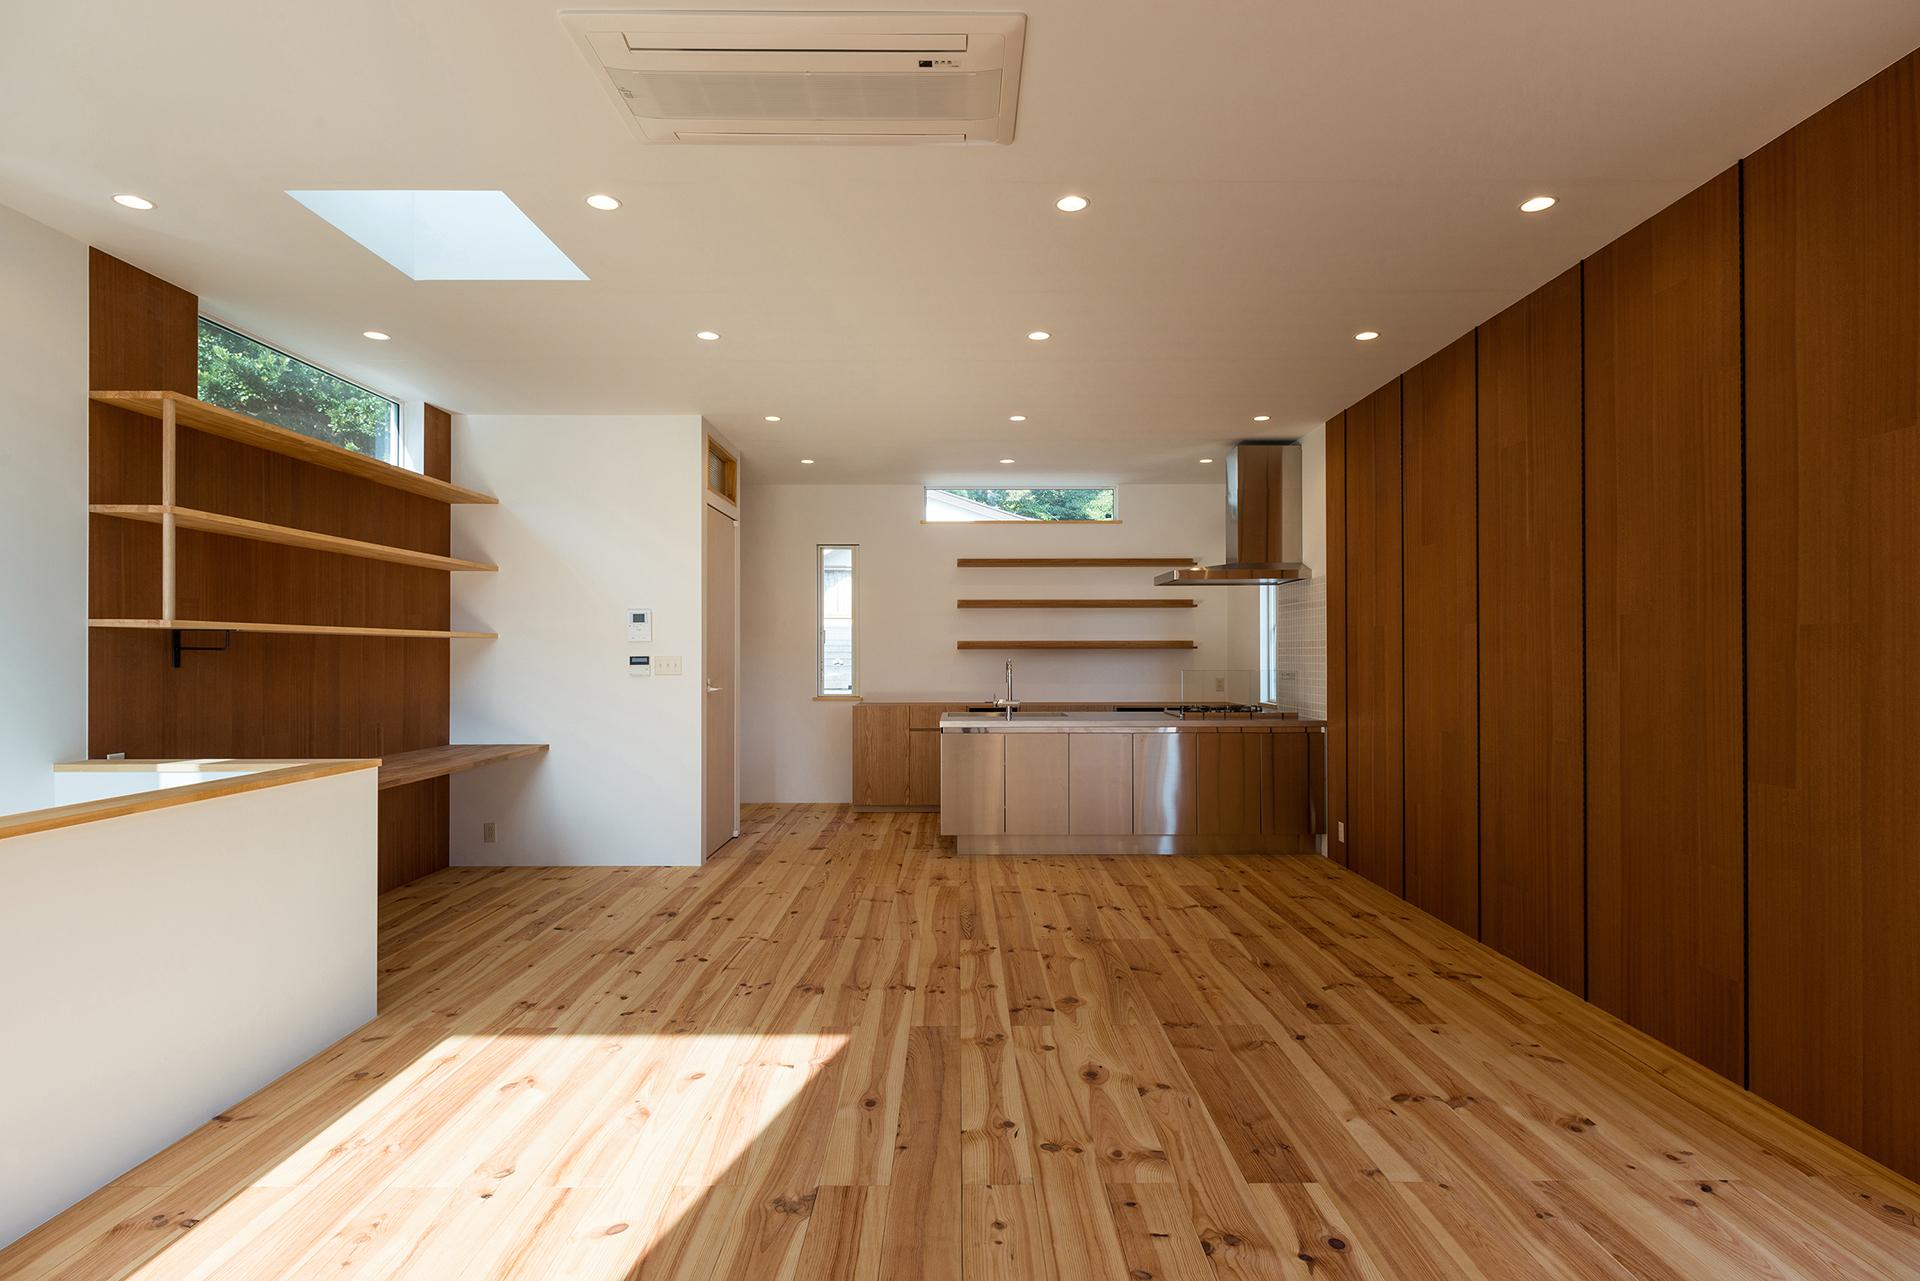 木と旅を愛する人の家 イメージ05 撮影:東涌宏和